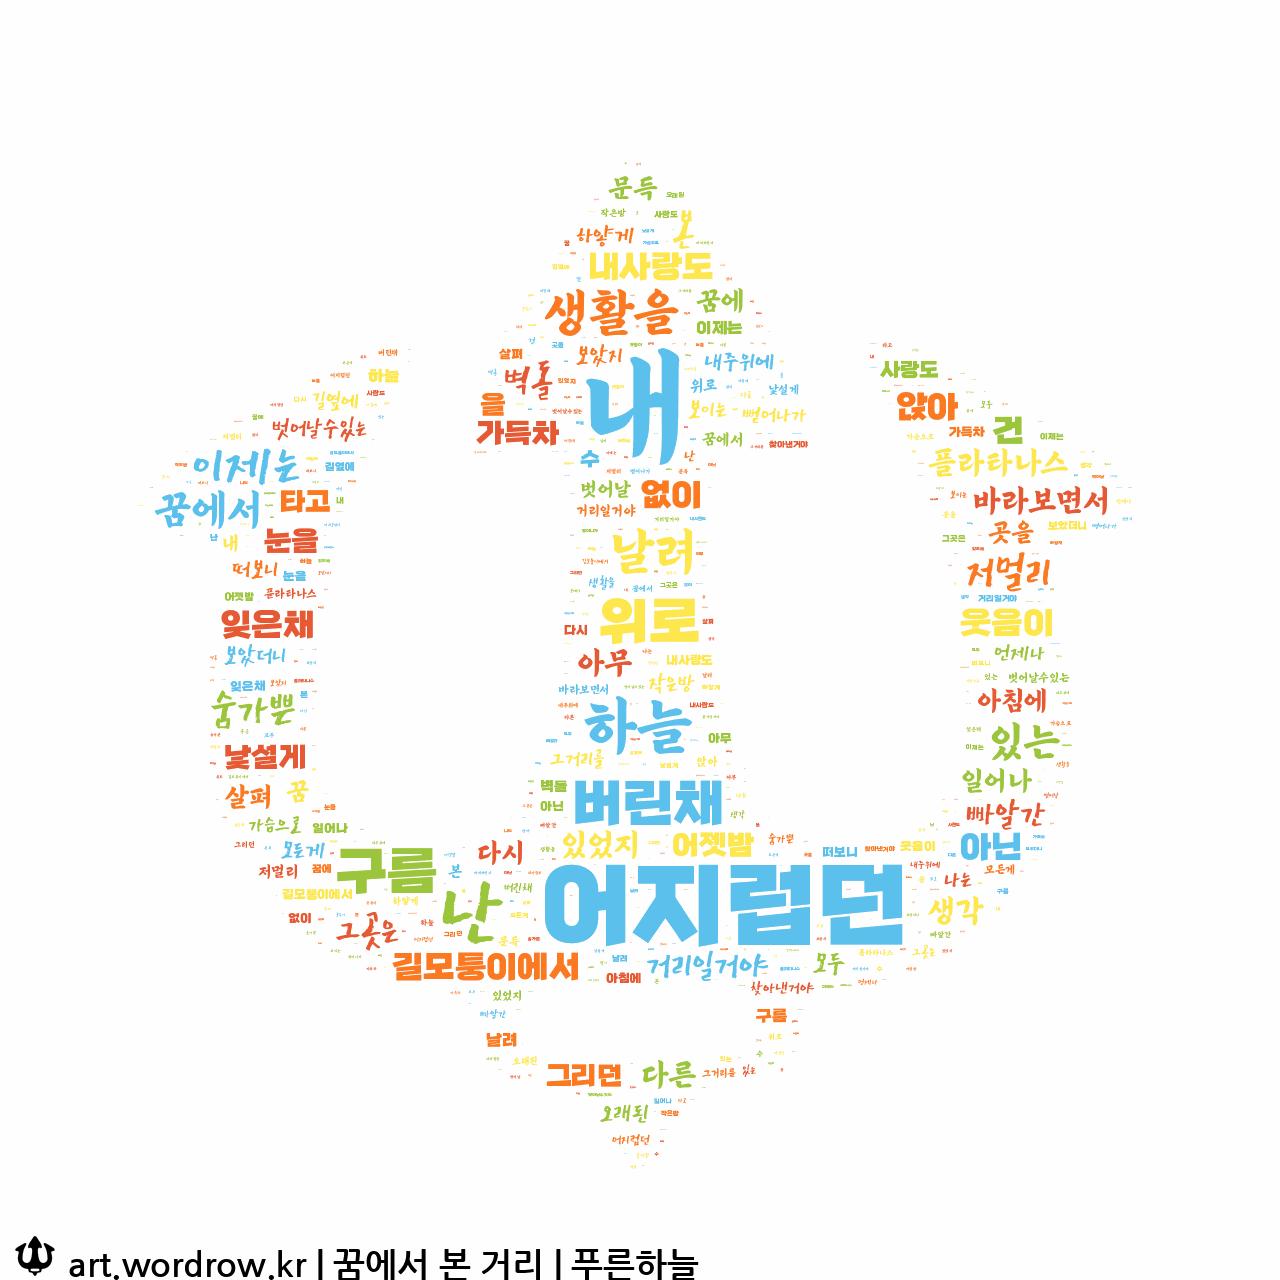 워드 아트: 꿈에서 본 거리 [푸른하늘]-6